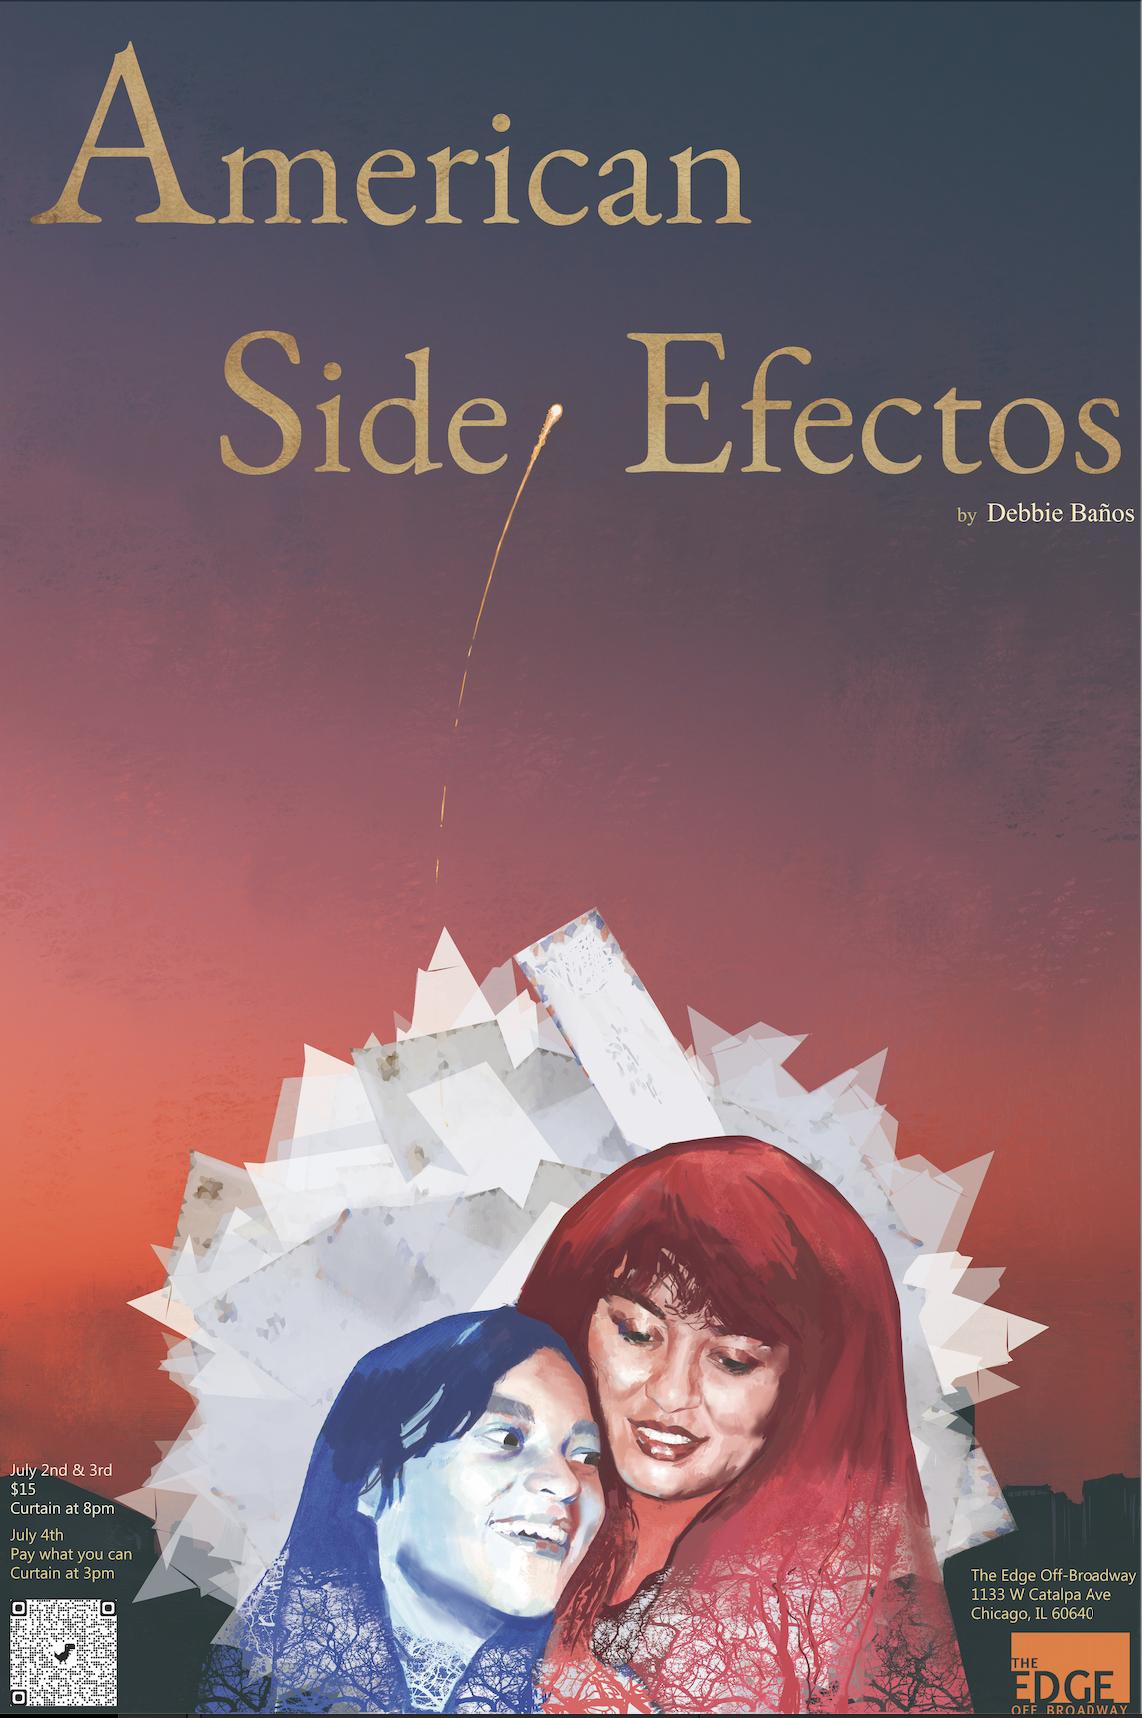 Debbie Baños Presents American Side Efectos